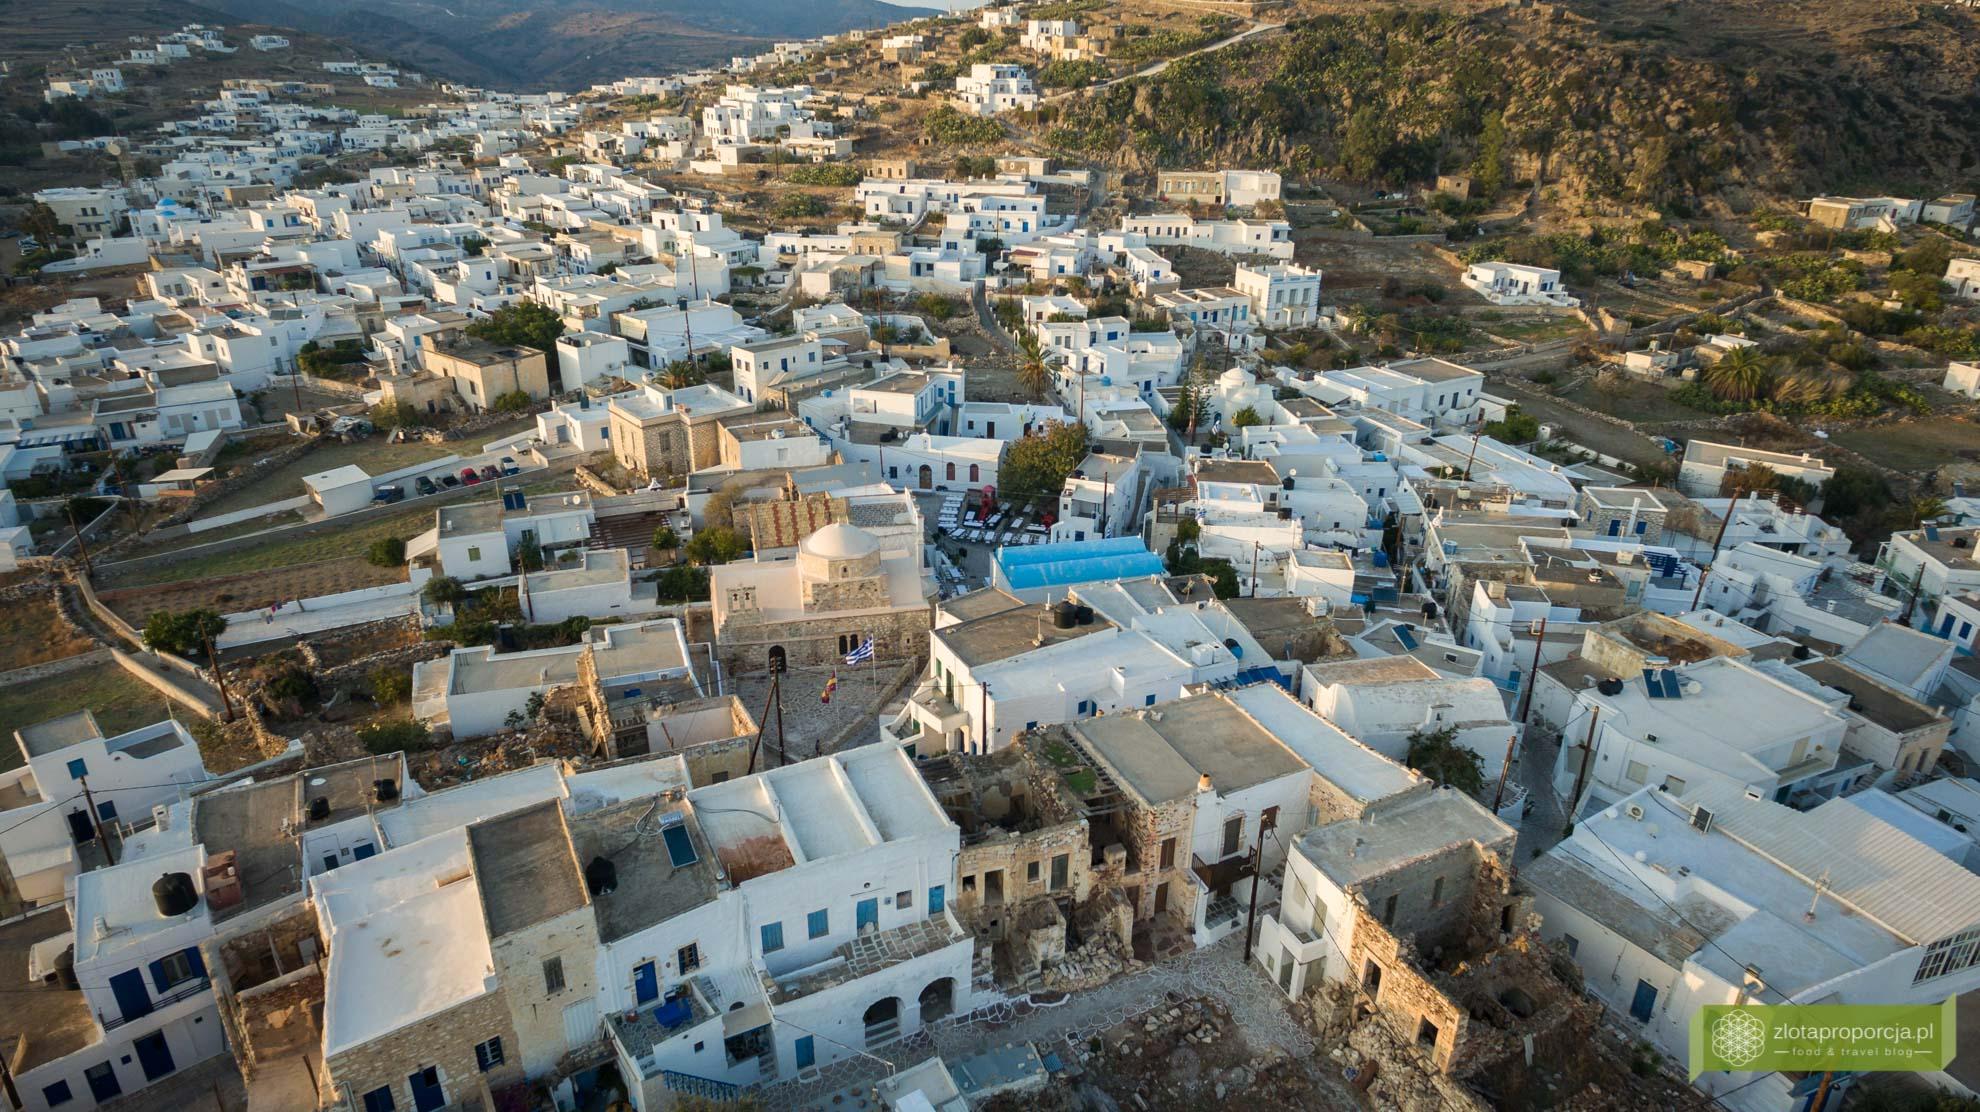 Kimolos, wyspa Kimolos, Cyklady, wyspy cykladzkie, okolice Milos, Chorio,